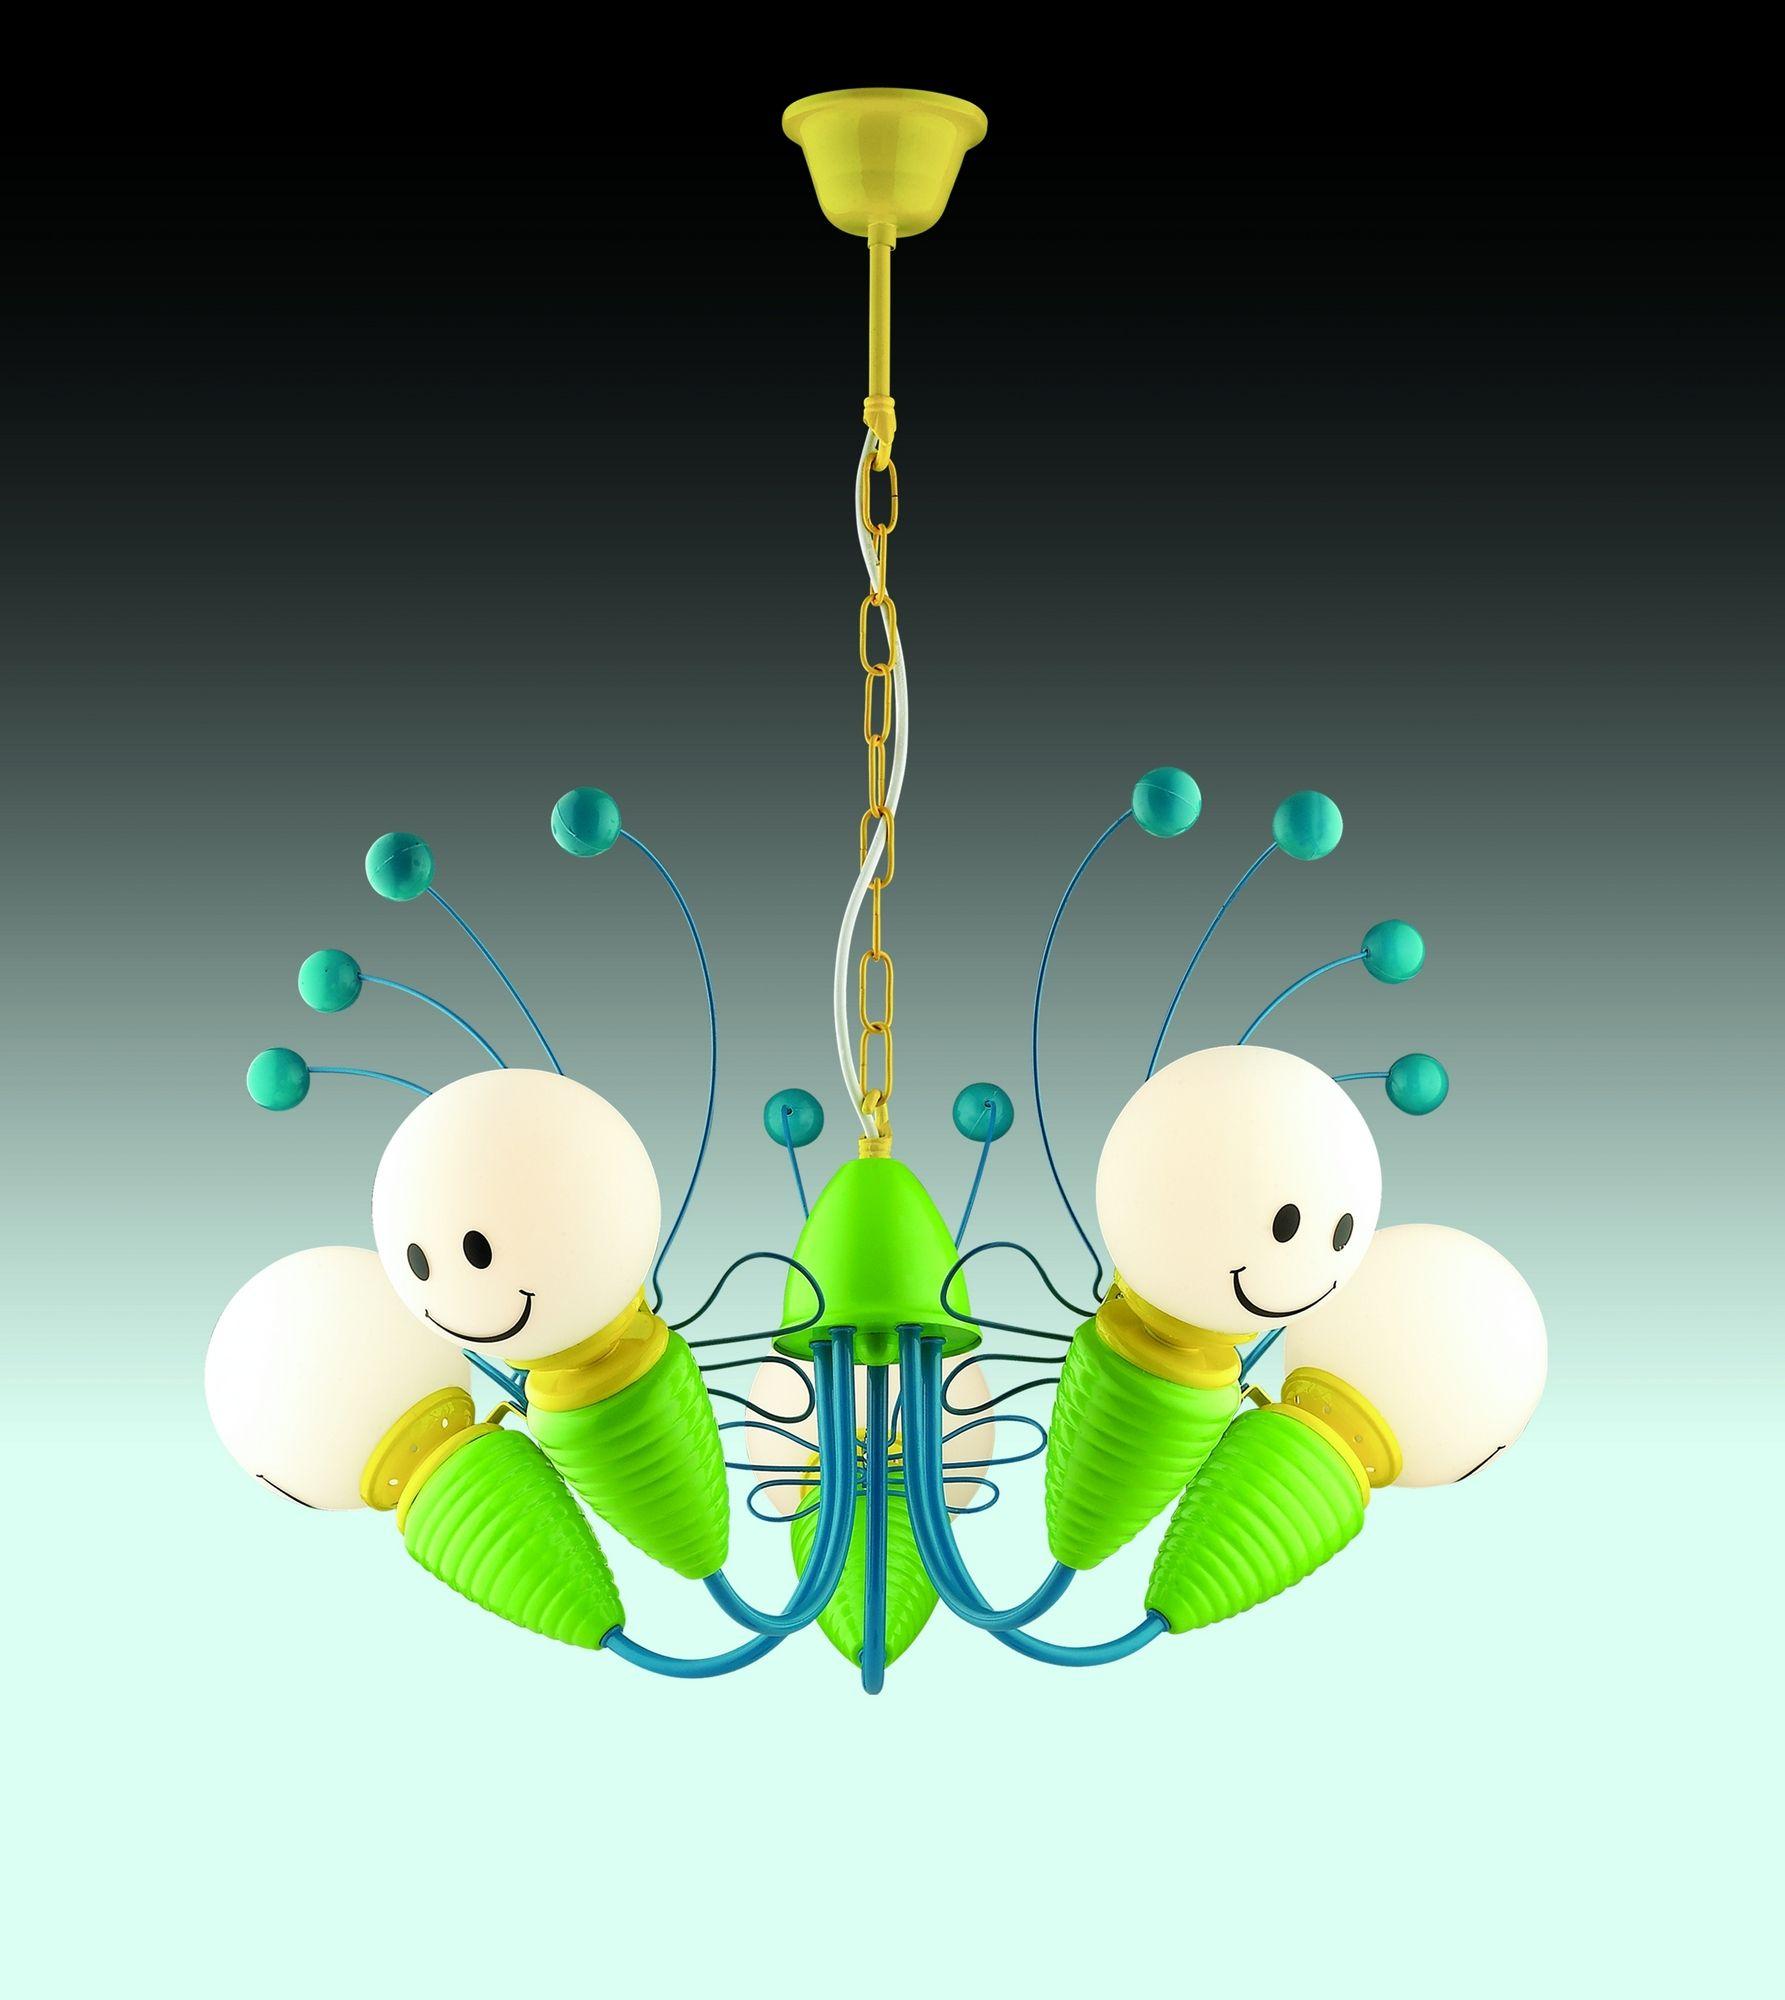 Творческа висулка лампа във футуристичен стил